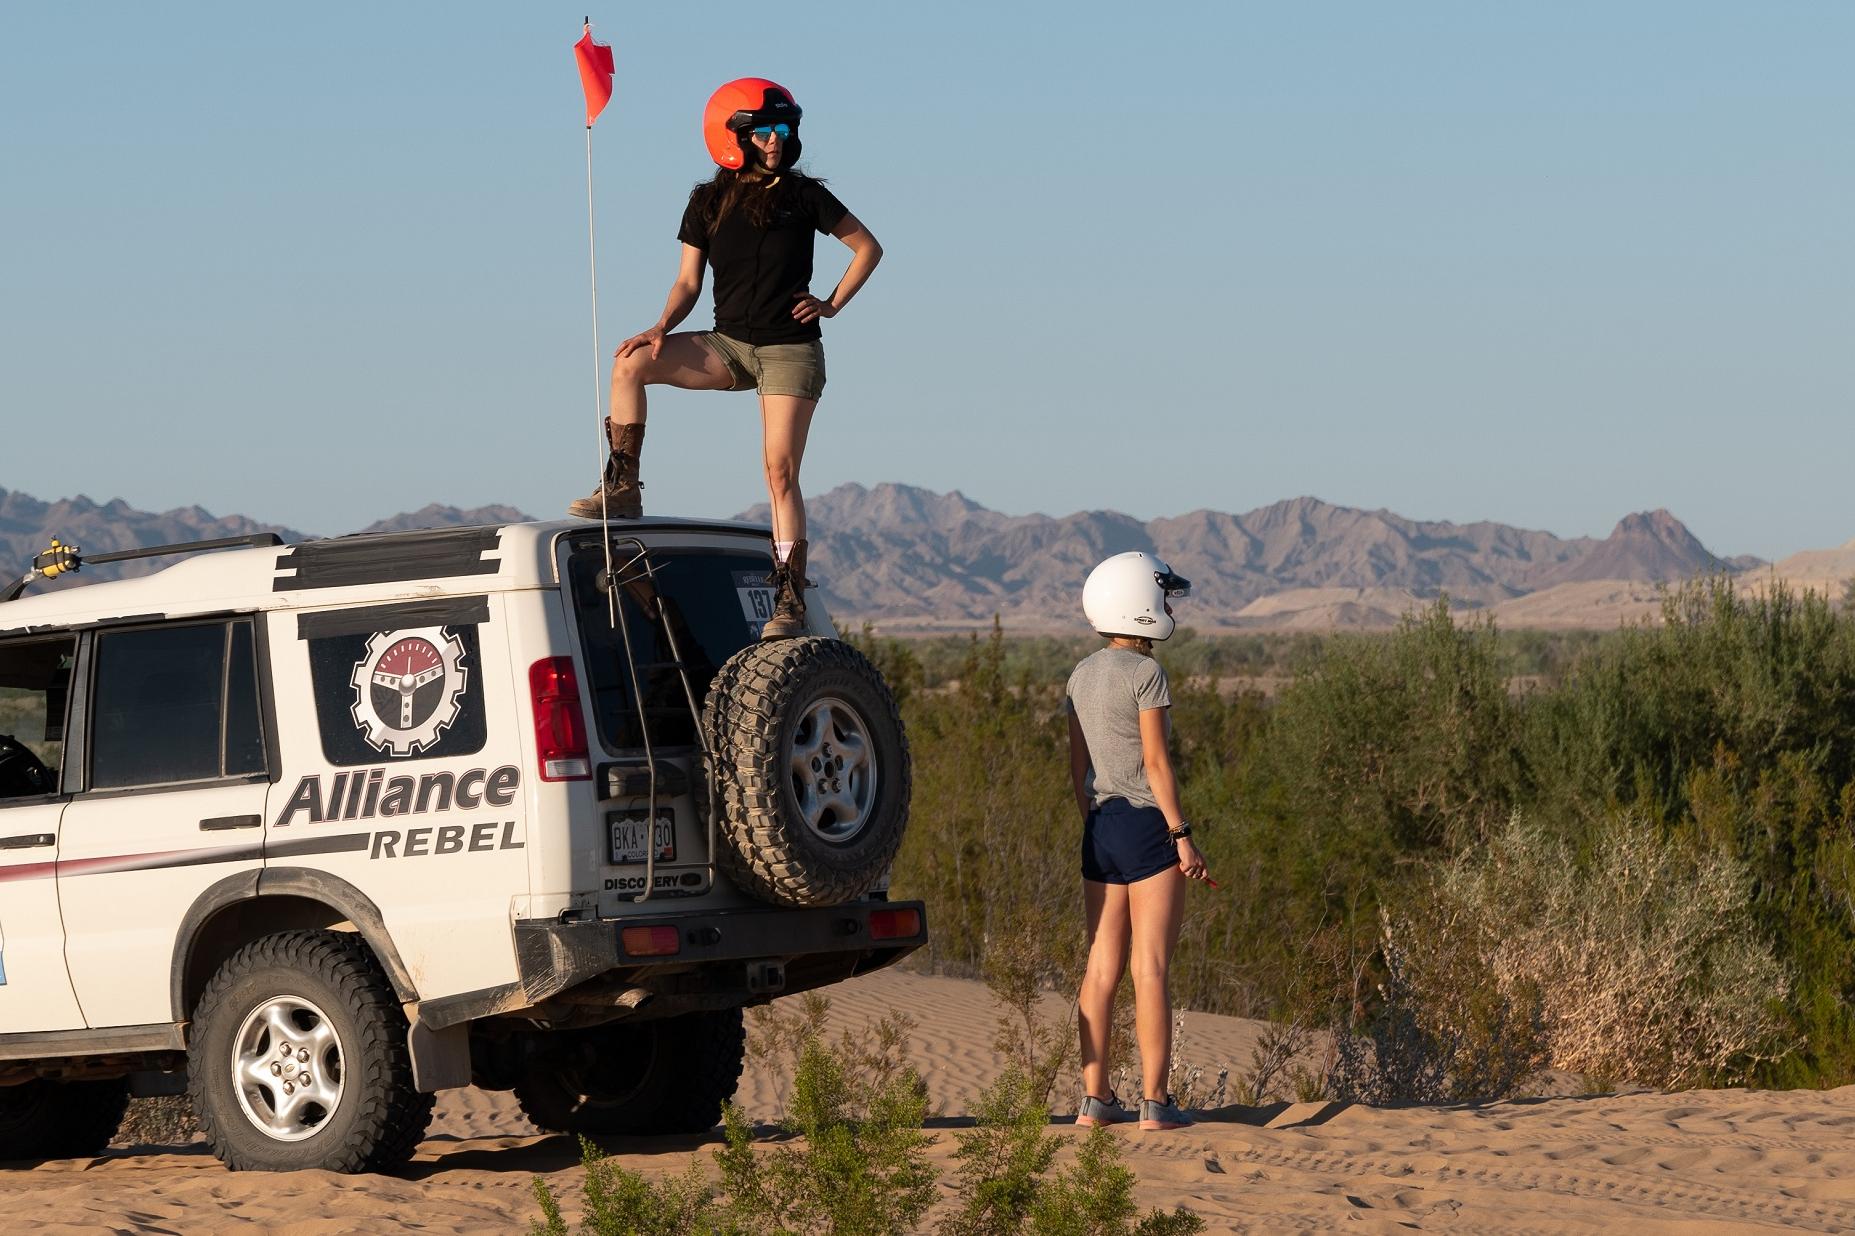 un equipo de rally rebelde de la carrera de la década de 2020